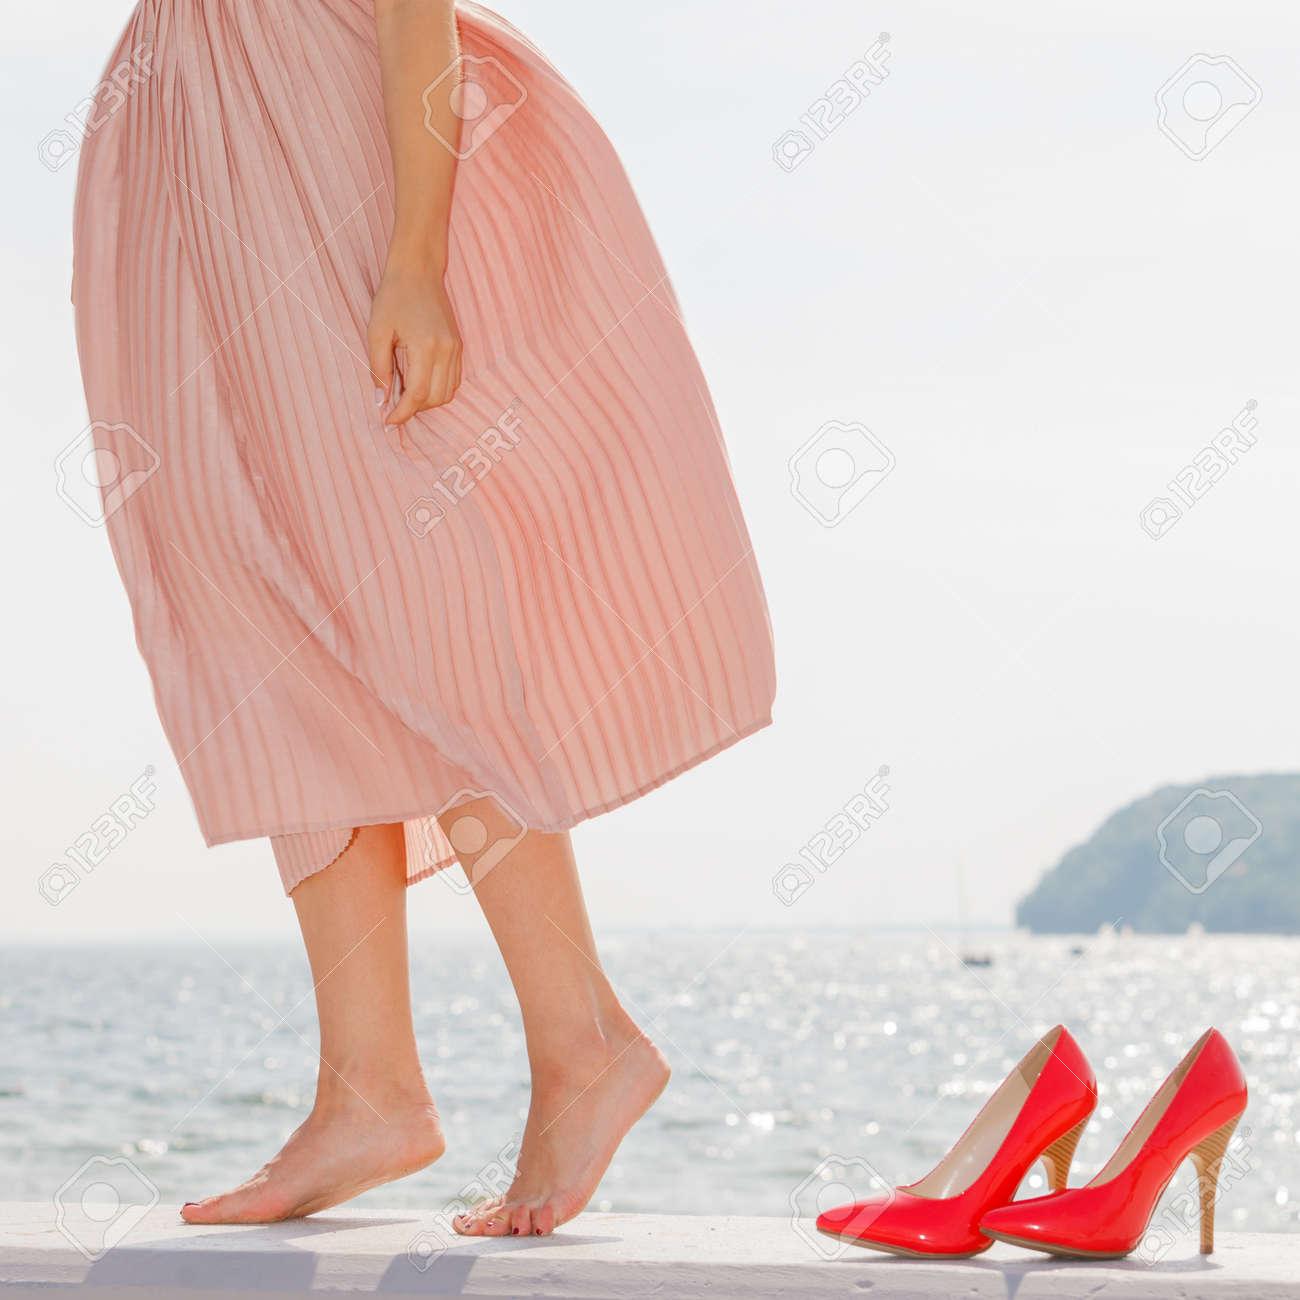 S 2557900418 Femmes Finncomfort Finncomfort Saloniki 2557900418 Saloniki odxQrBWCe